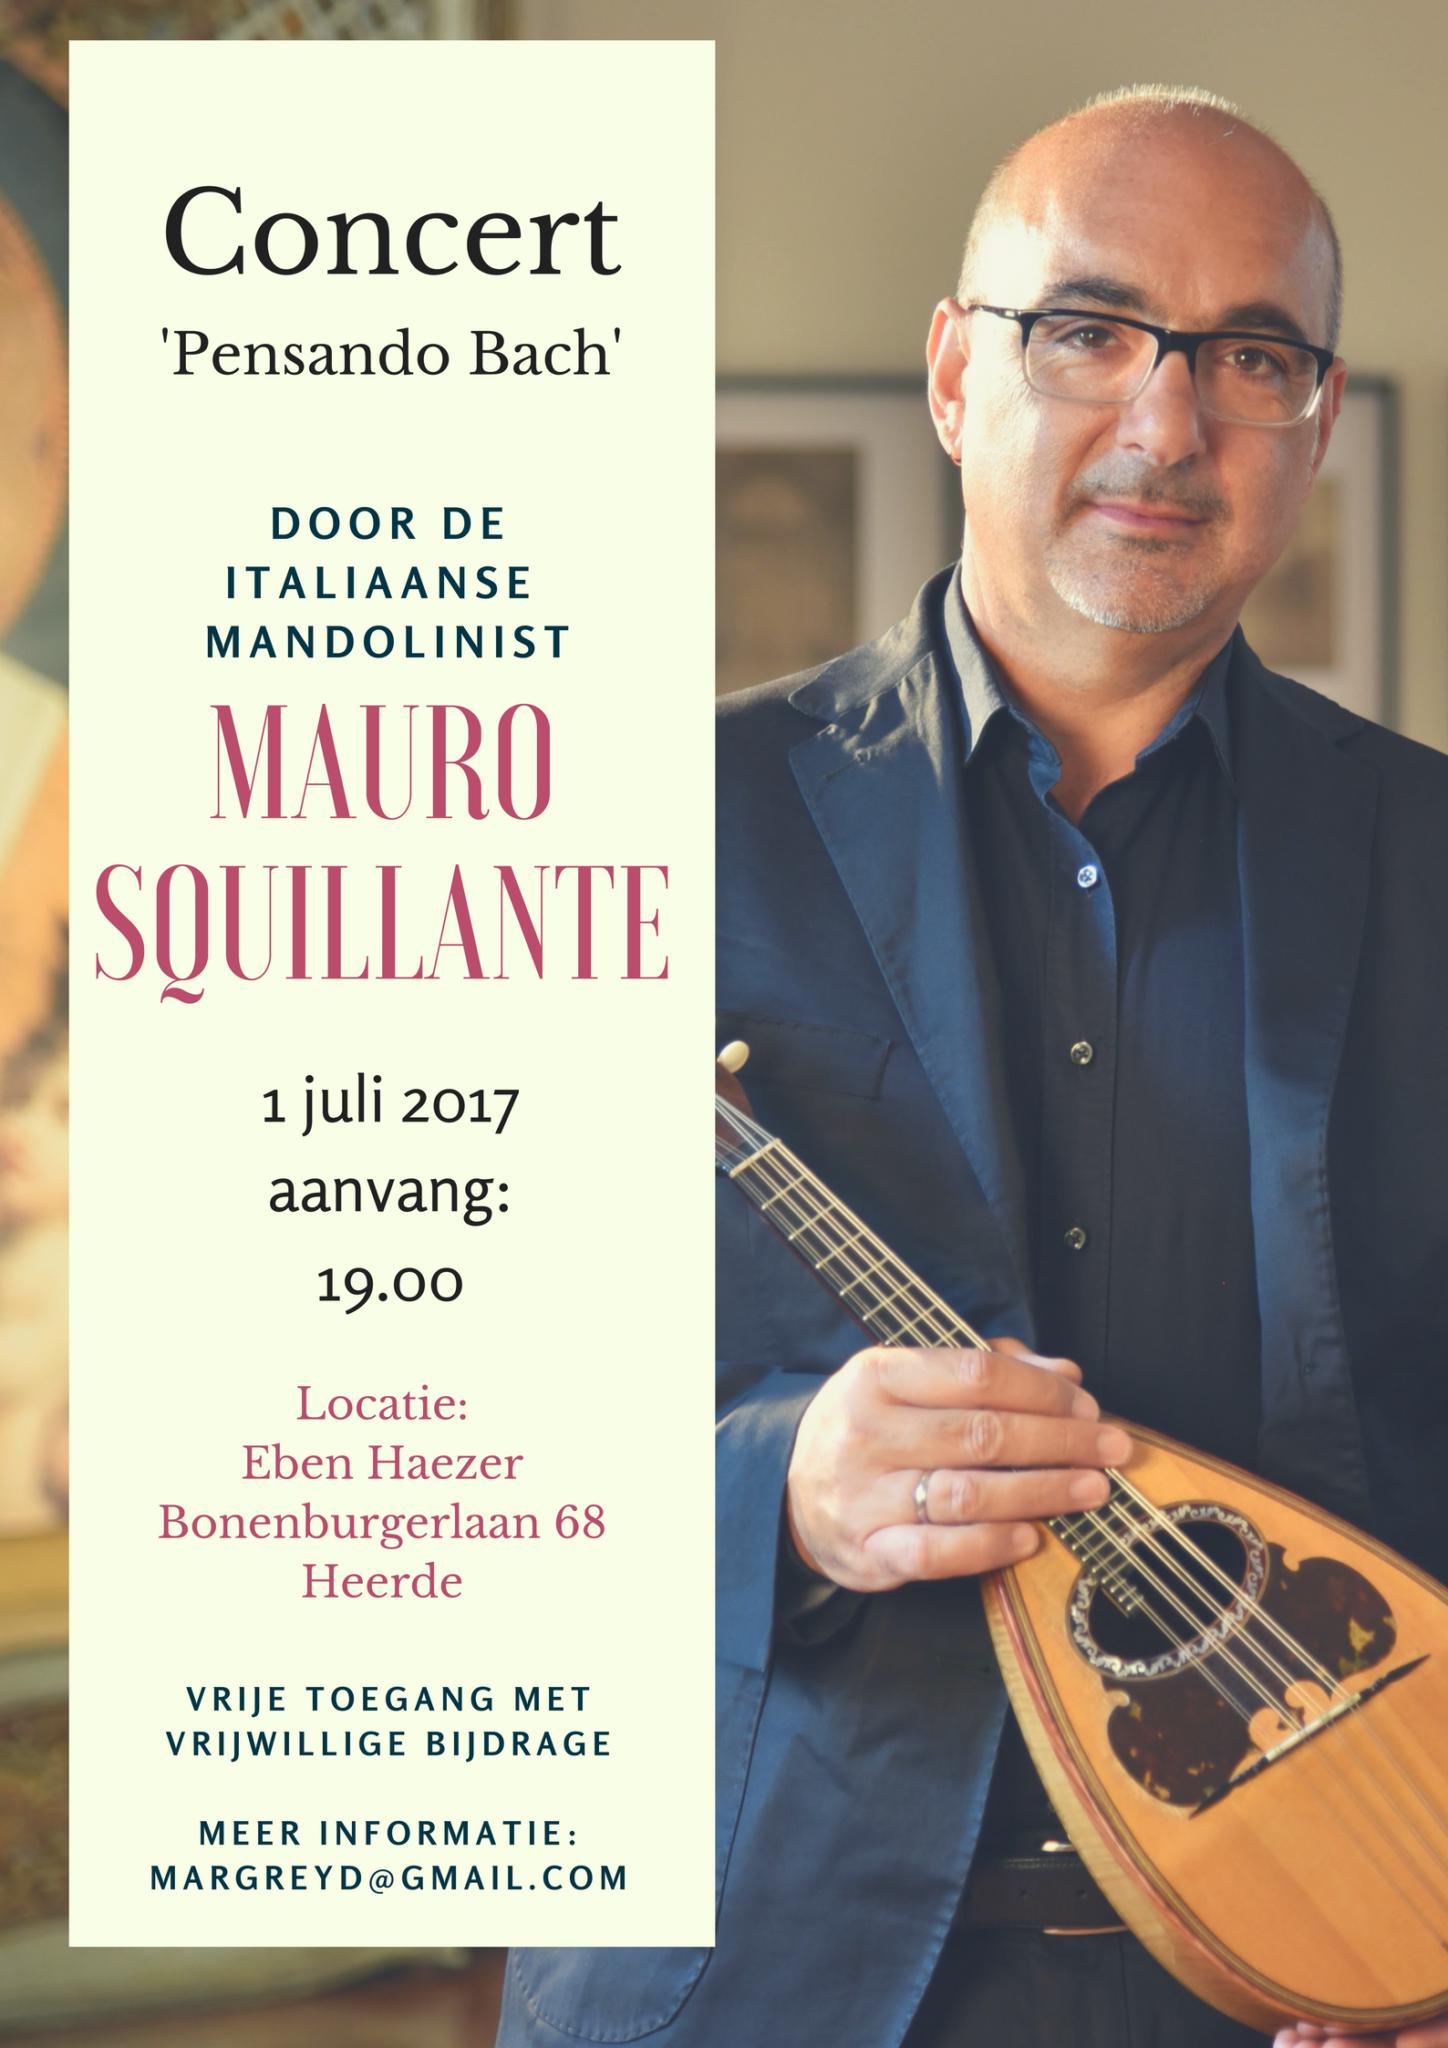 Concert 'Pensando Bach' - Mauro Squillante @ Eben Hazer | Heerde | Gelderland | Nederland